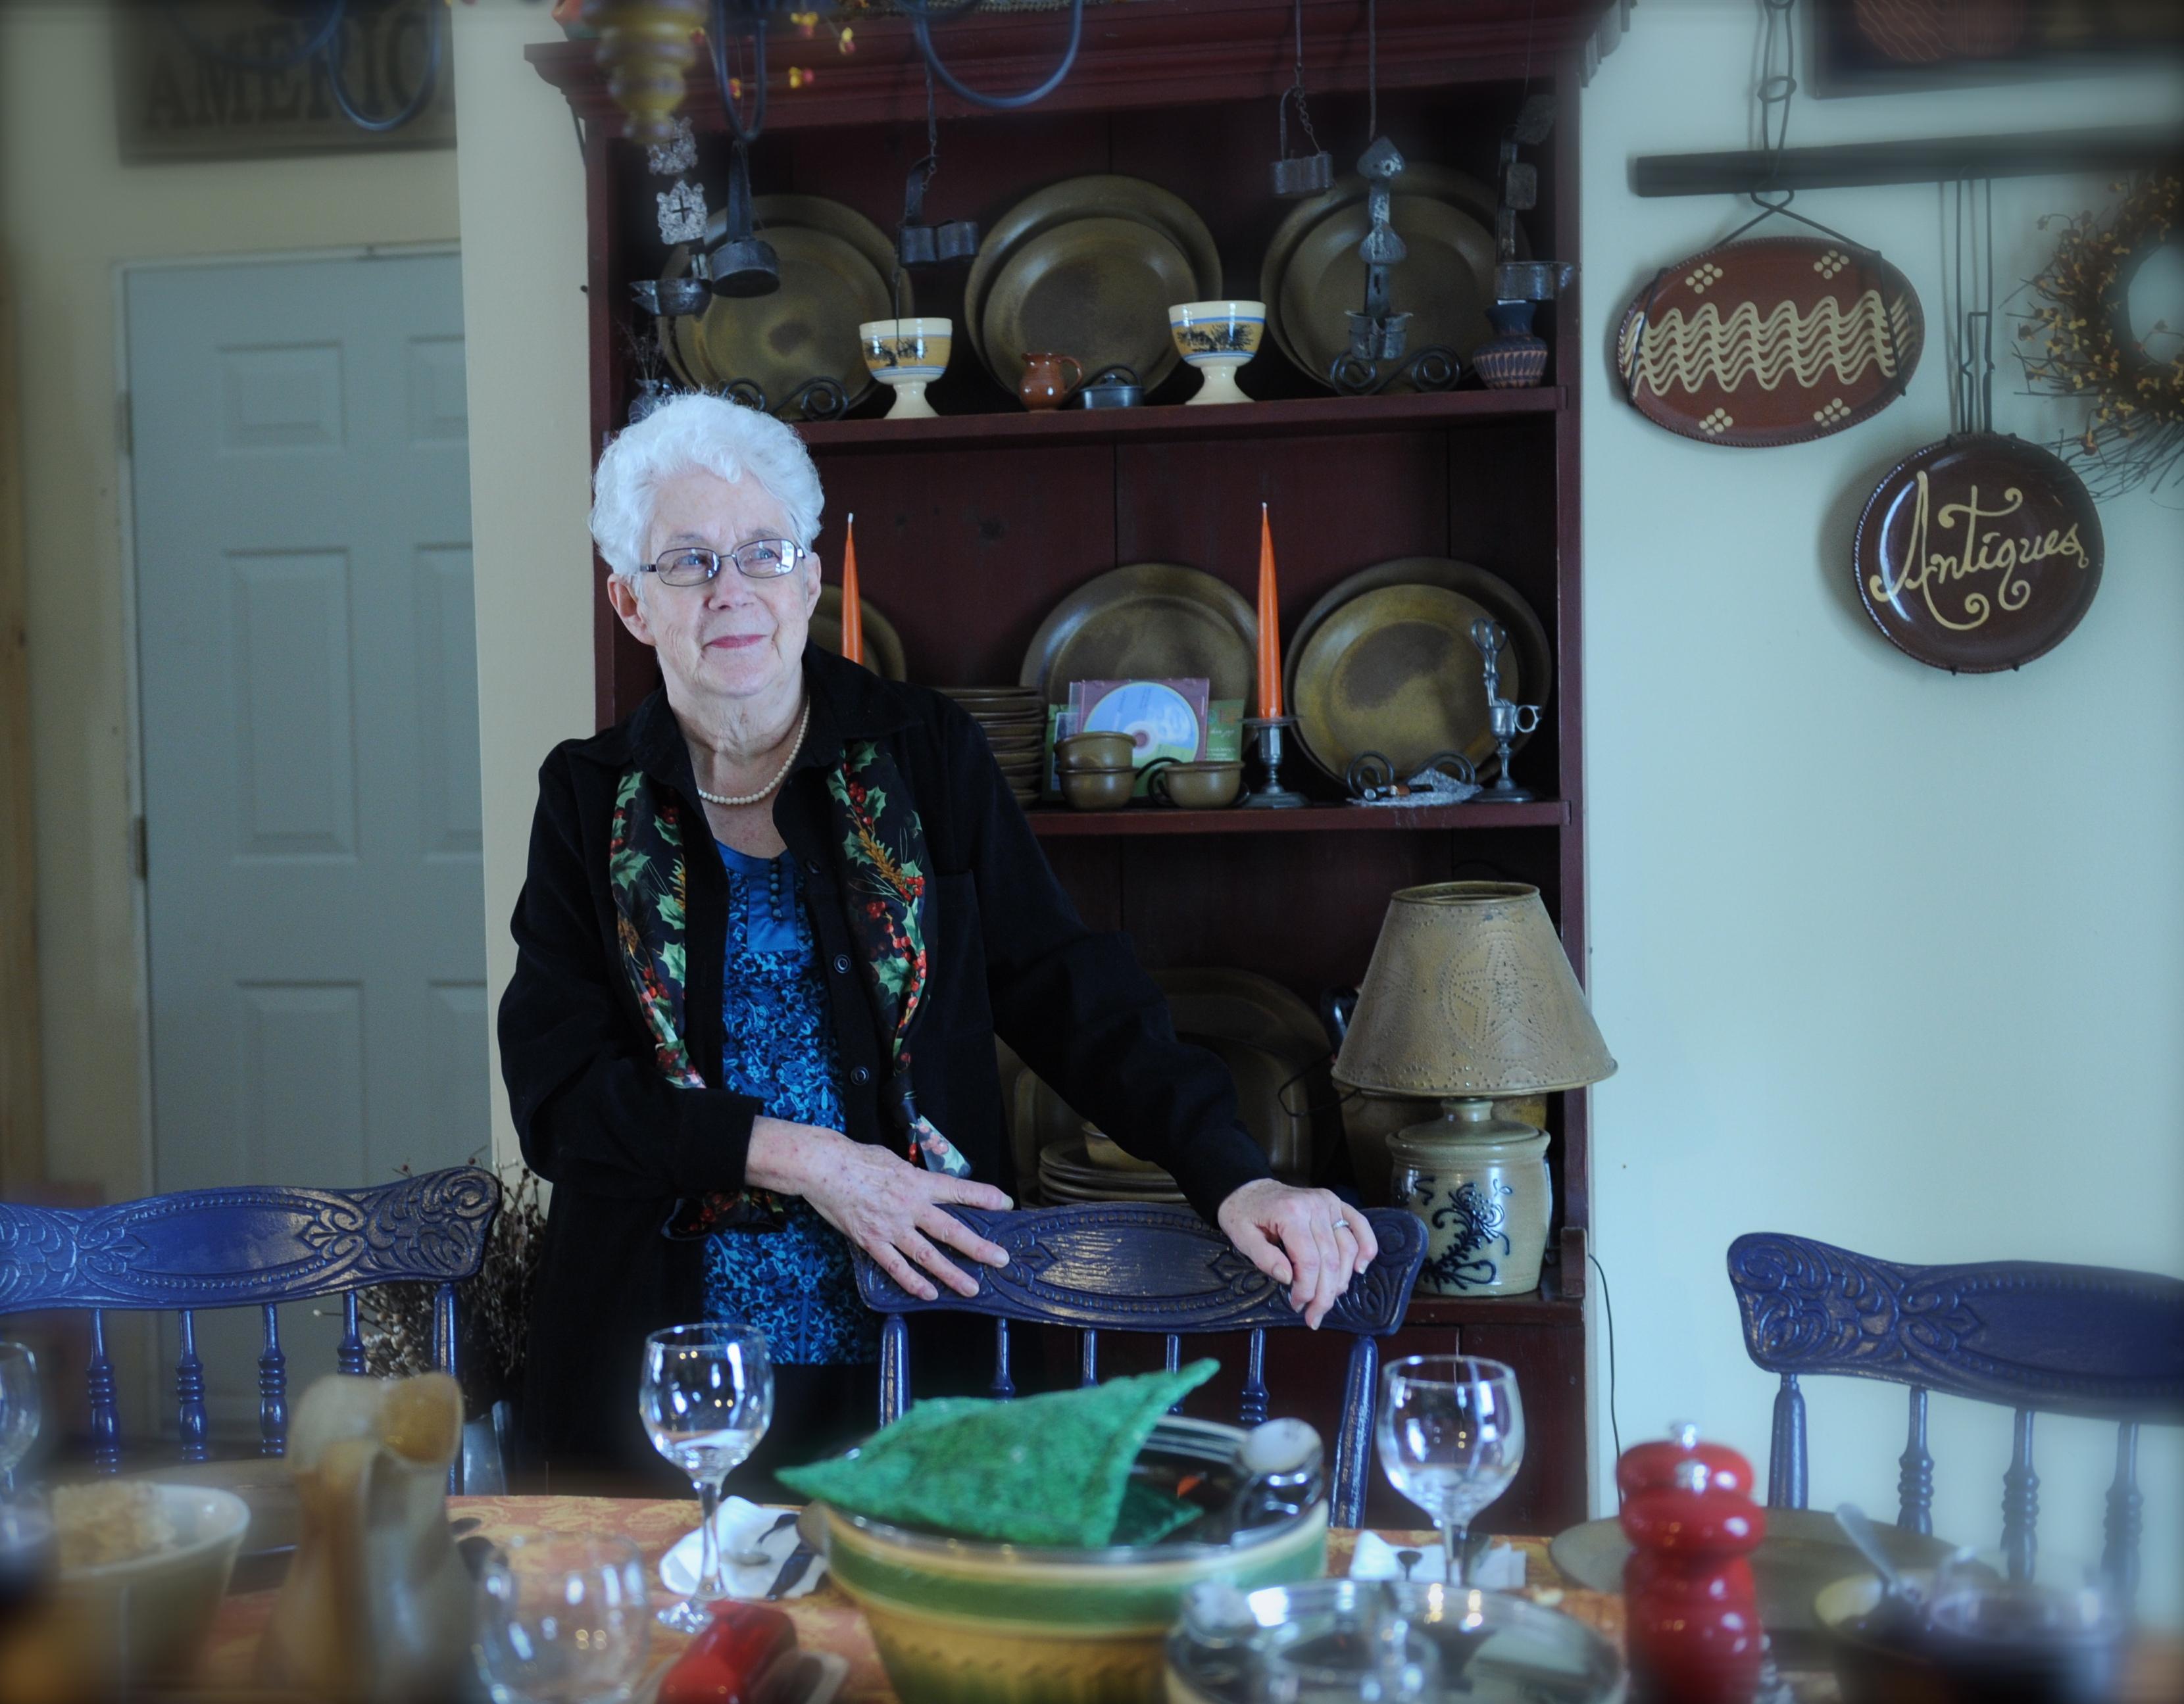 Lois E Hoch - My Mother & Friend 9/30/33-6/29/12